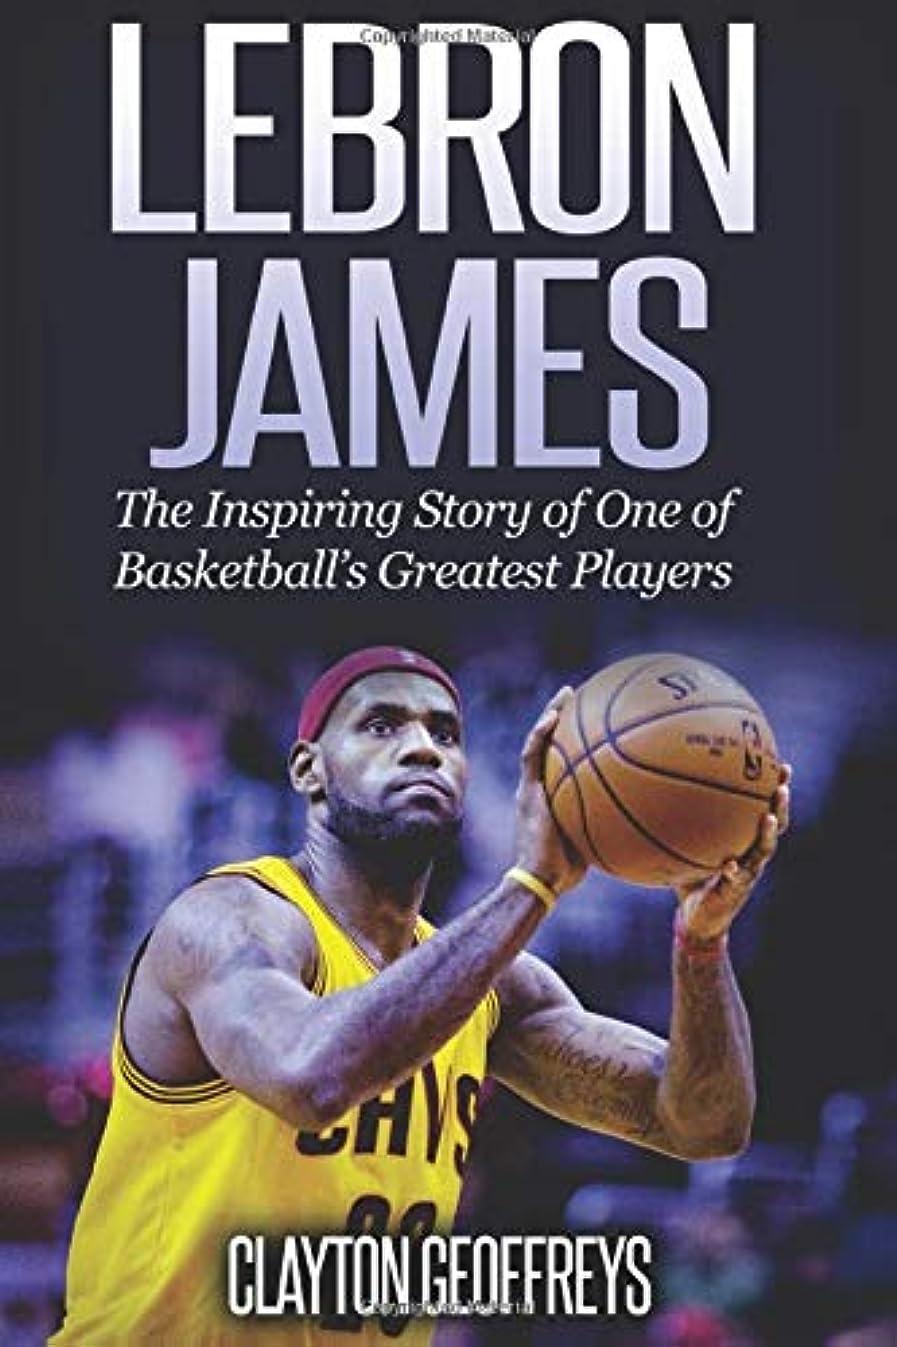 やむを得ない原理爆発するLeBron James: The Inspiring Story of One of Basketball's Greatest Players (Basketball Biography Books)